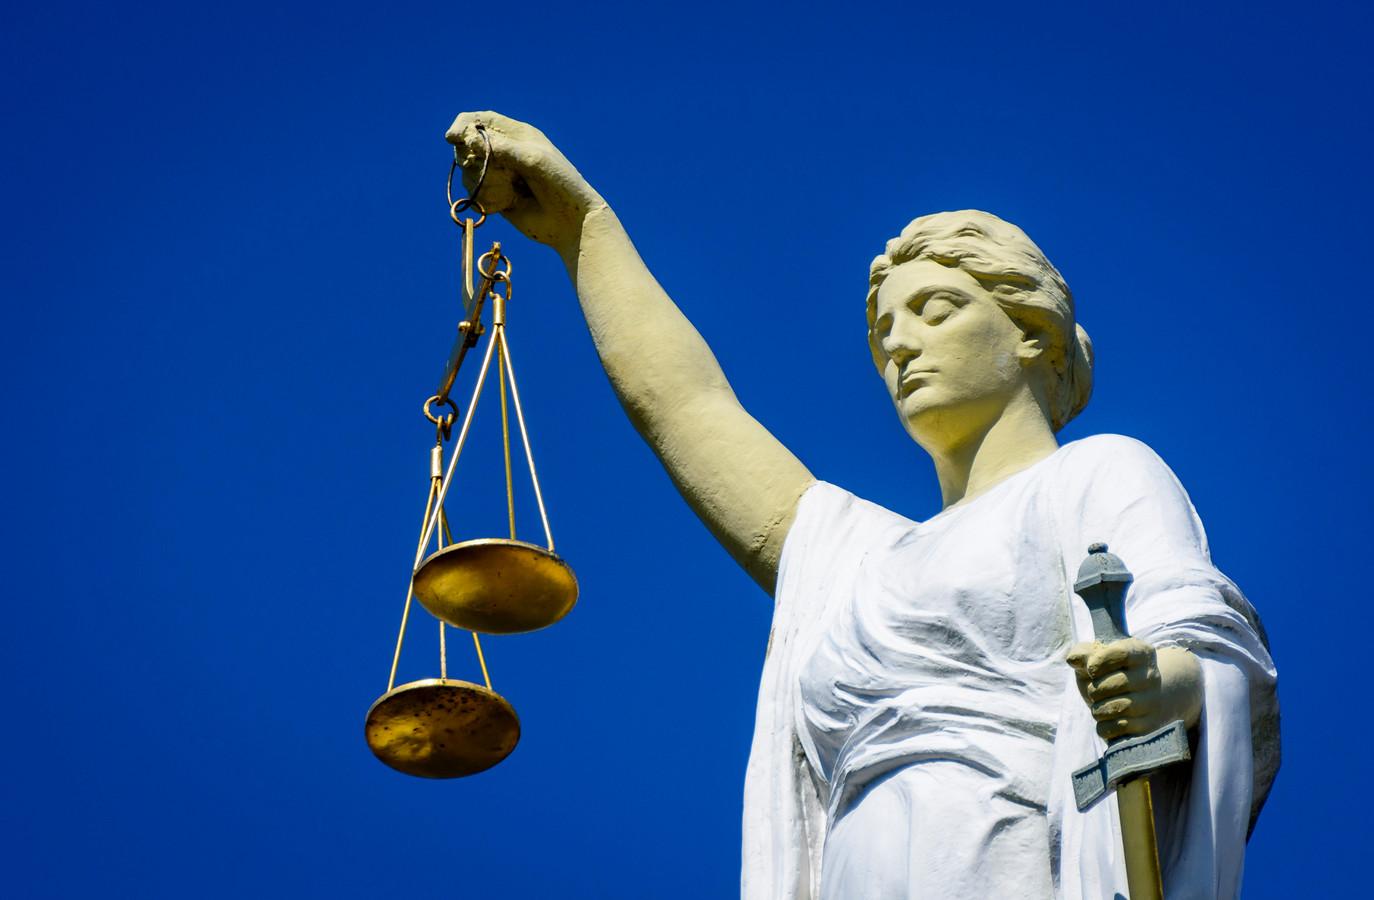 Een beeld van Vrouwe Justitia, het symbool van rechtvaardigheid. Foto ter illustratie.